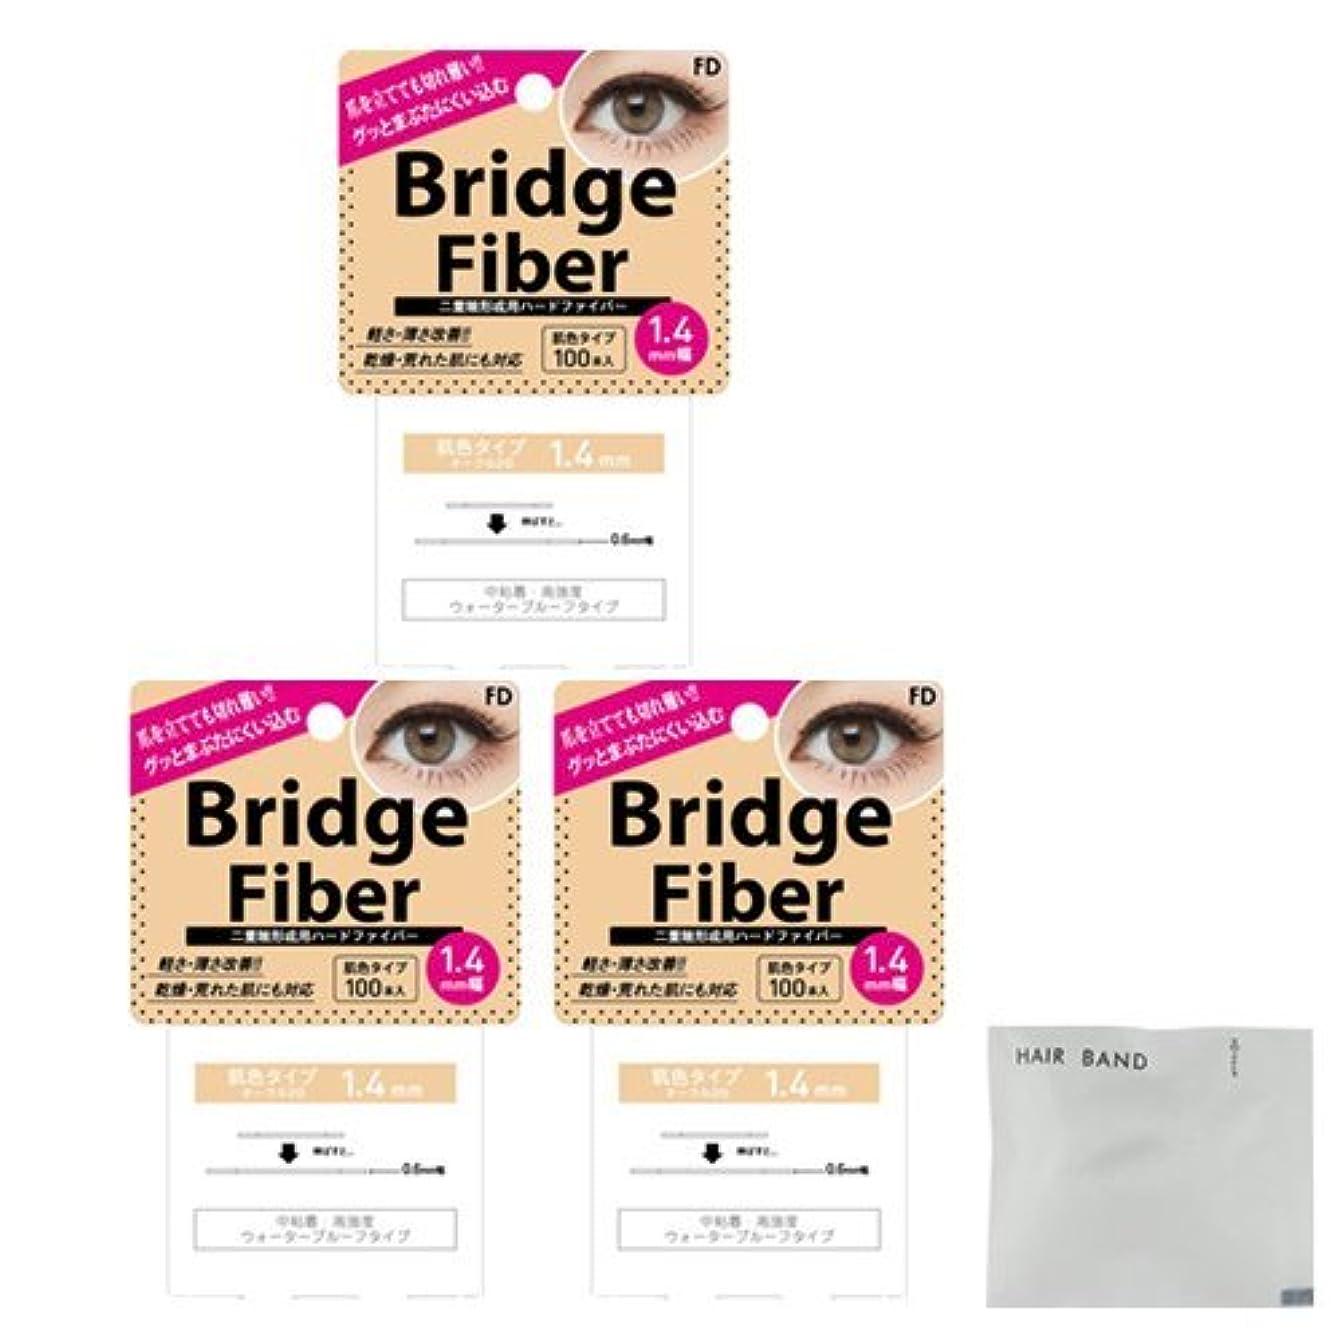 僕の蒸発するさておきFD ブリッジファイバーⅡ (Bridge Fiber) ヌーディ1.4mm×3個 + ヘアゴム(カラーはおまかせ)セット